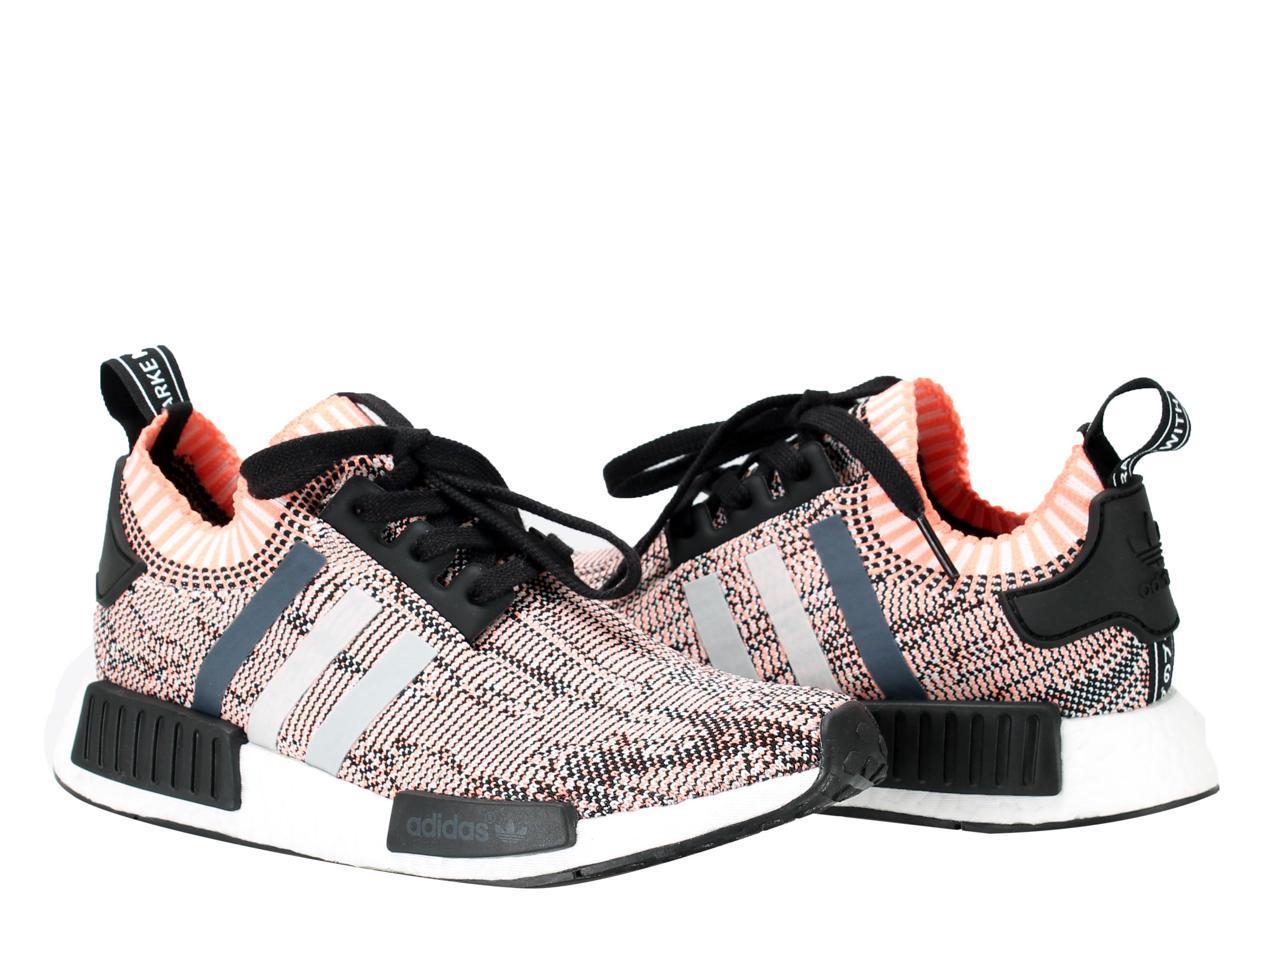 adidas primeknit pink